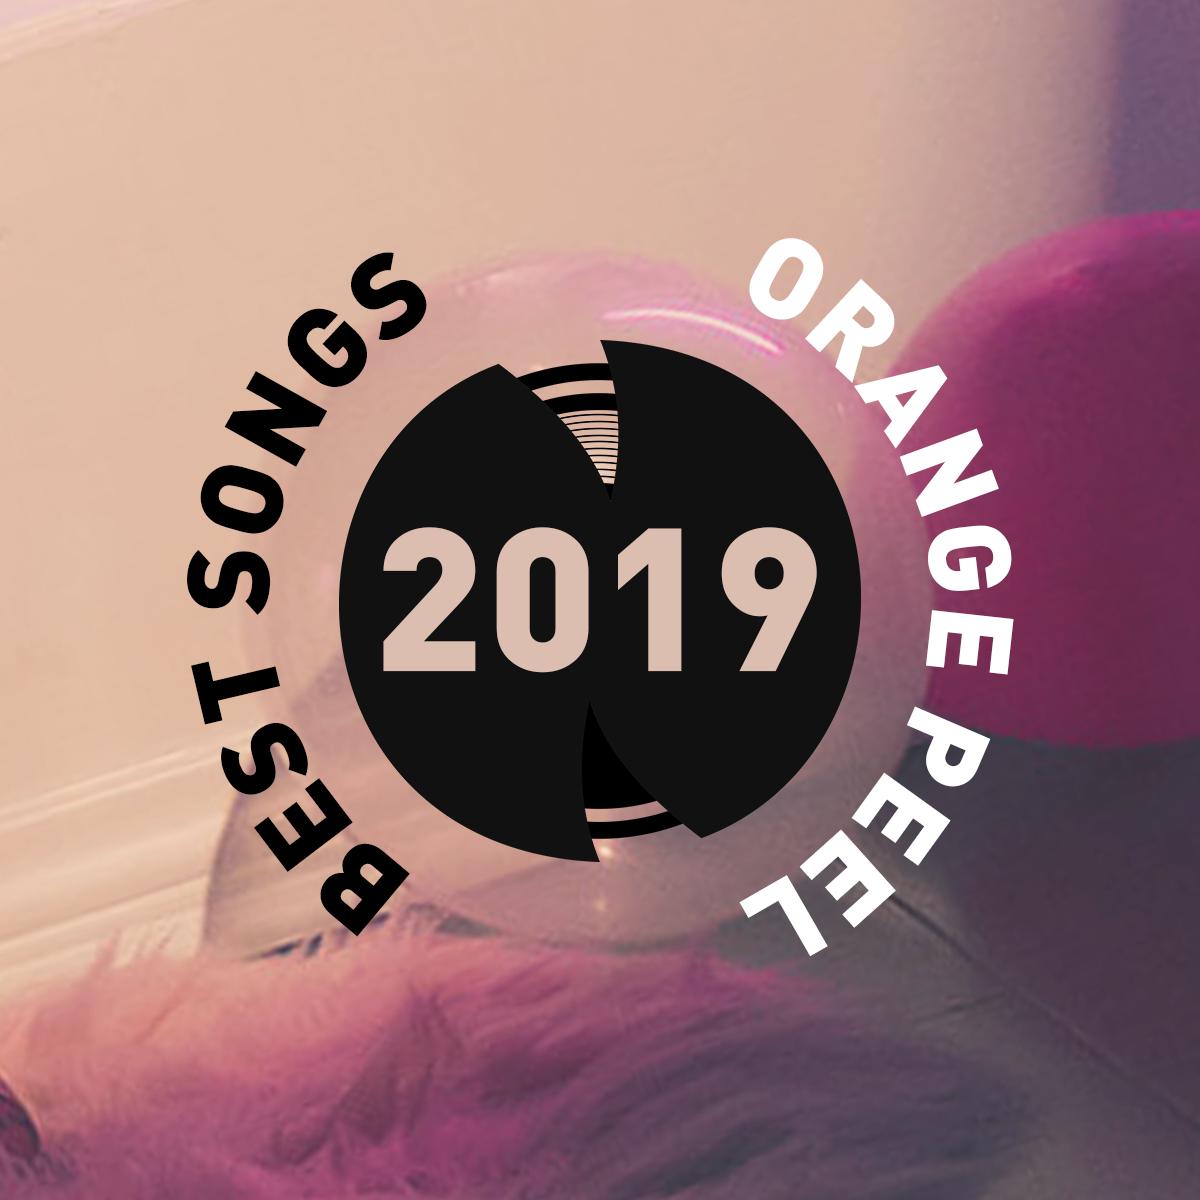 Orange Peel Songs 2019